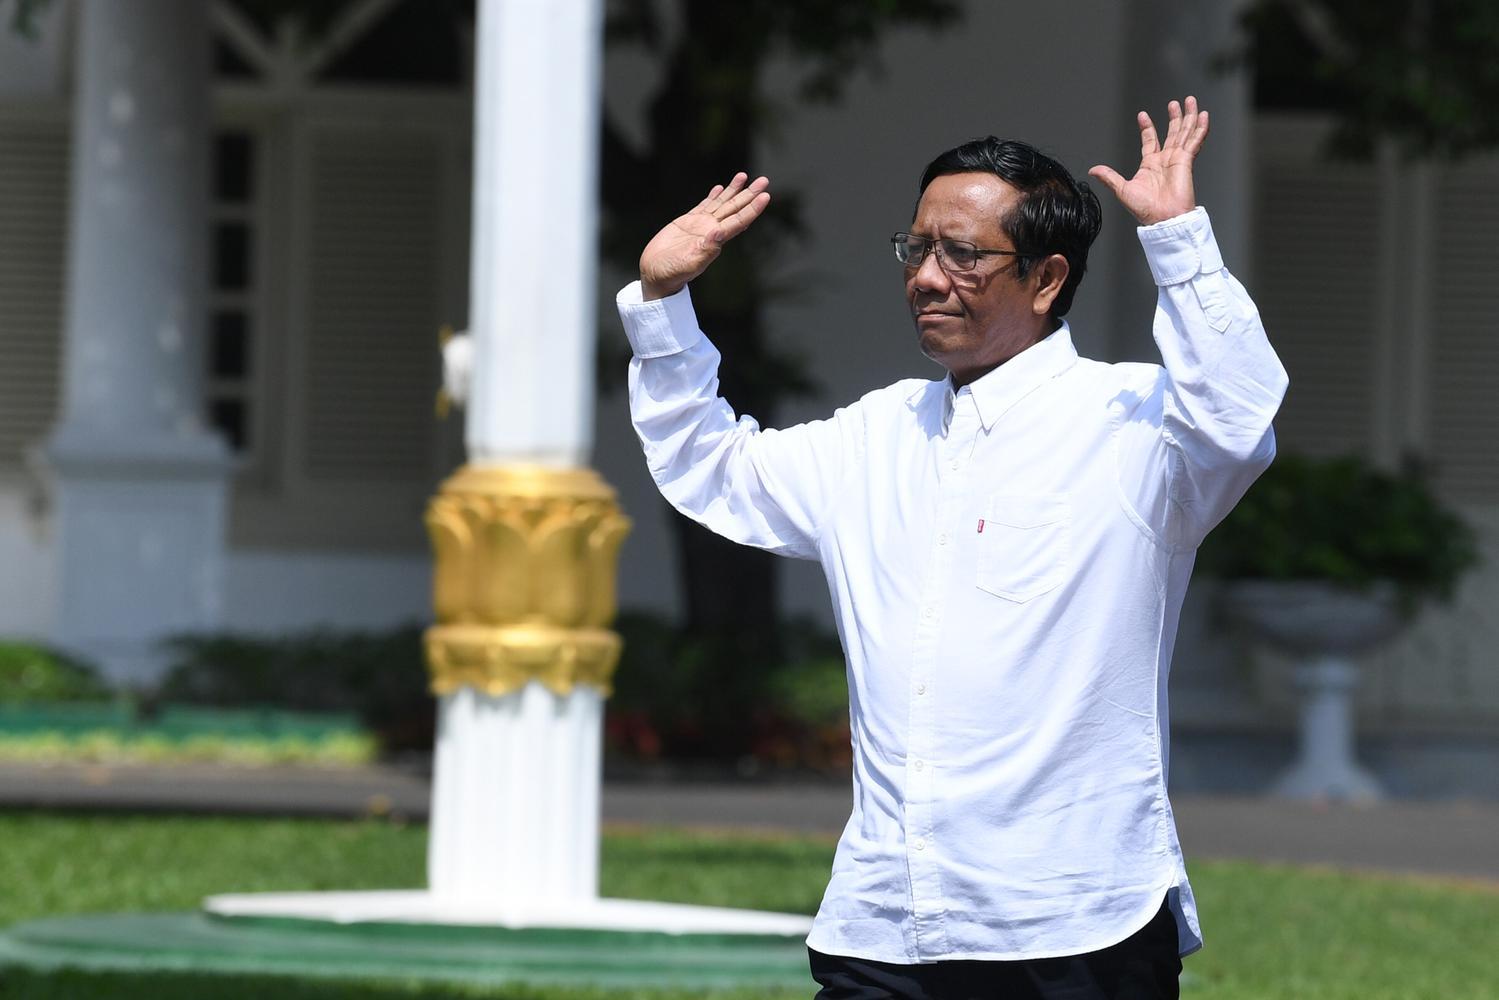 Anggota Dewan Pengarah Badan Pembinaan Ideologi Pancasila (BPIP) Mahfud MD melambaikan tangannya saat berjalan memasuki Kompleks Istana Kepresidenan, Jakarta, Senin (21/10/2019). Menurut rencana Presiden Joko Widodo akan memperkenalkan jajaran kabinet bar